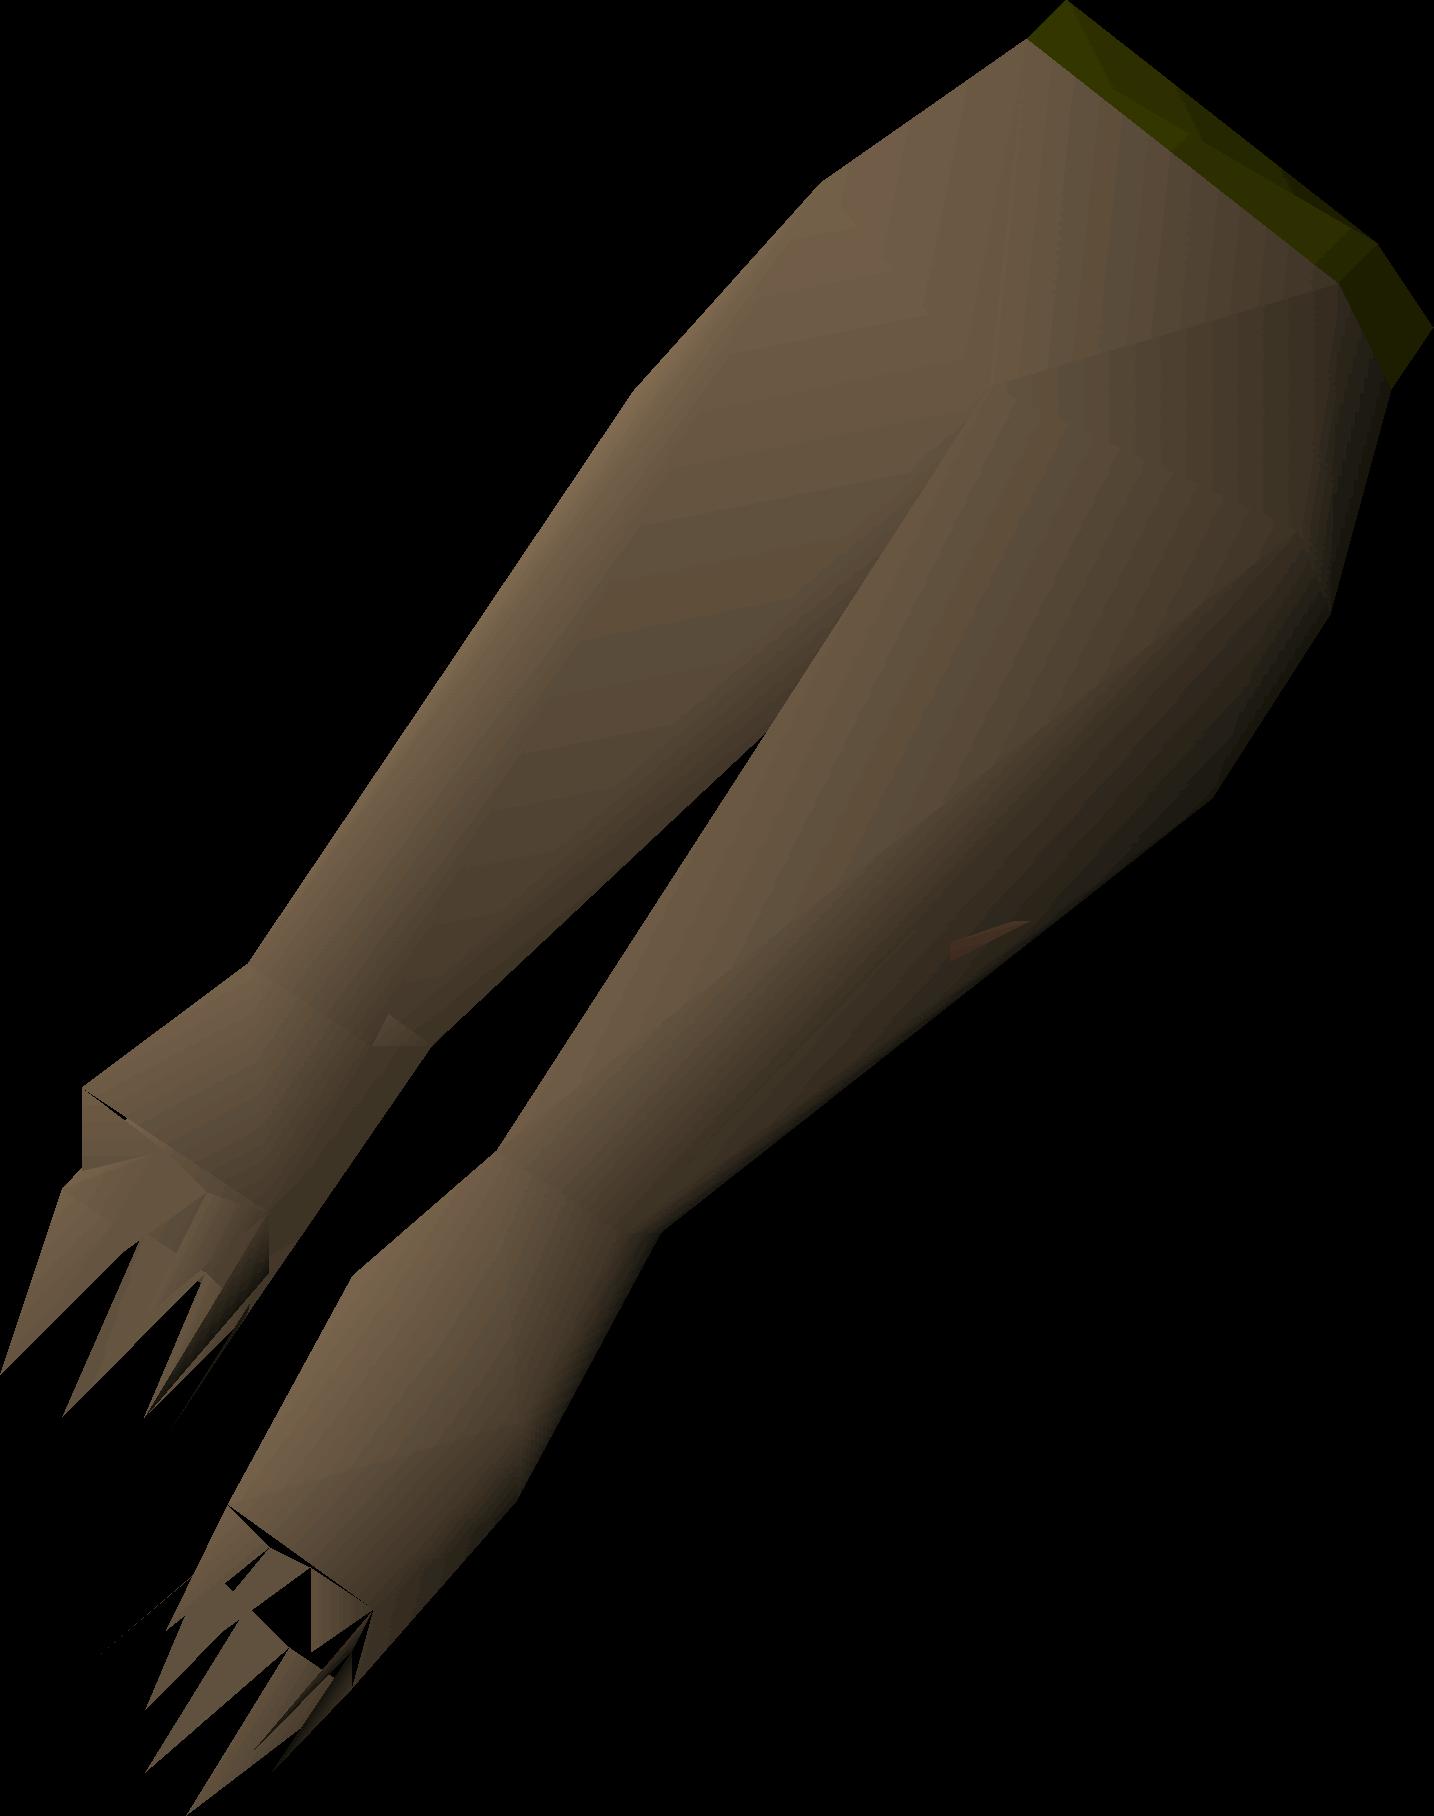 Citizen trousers